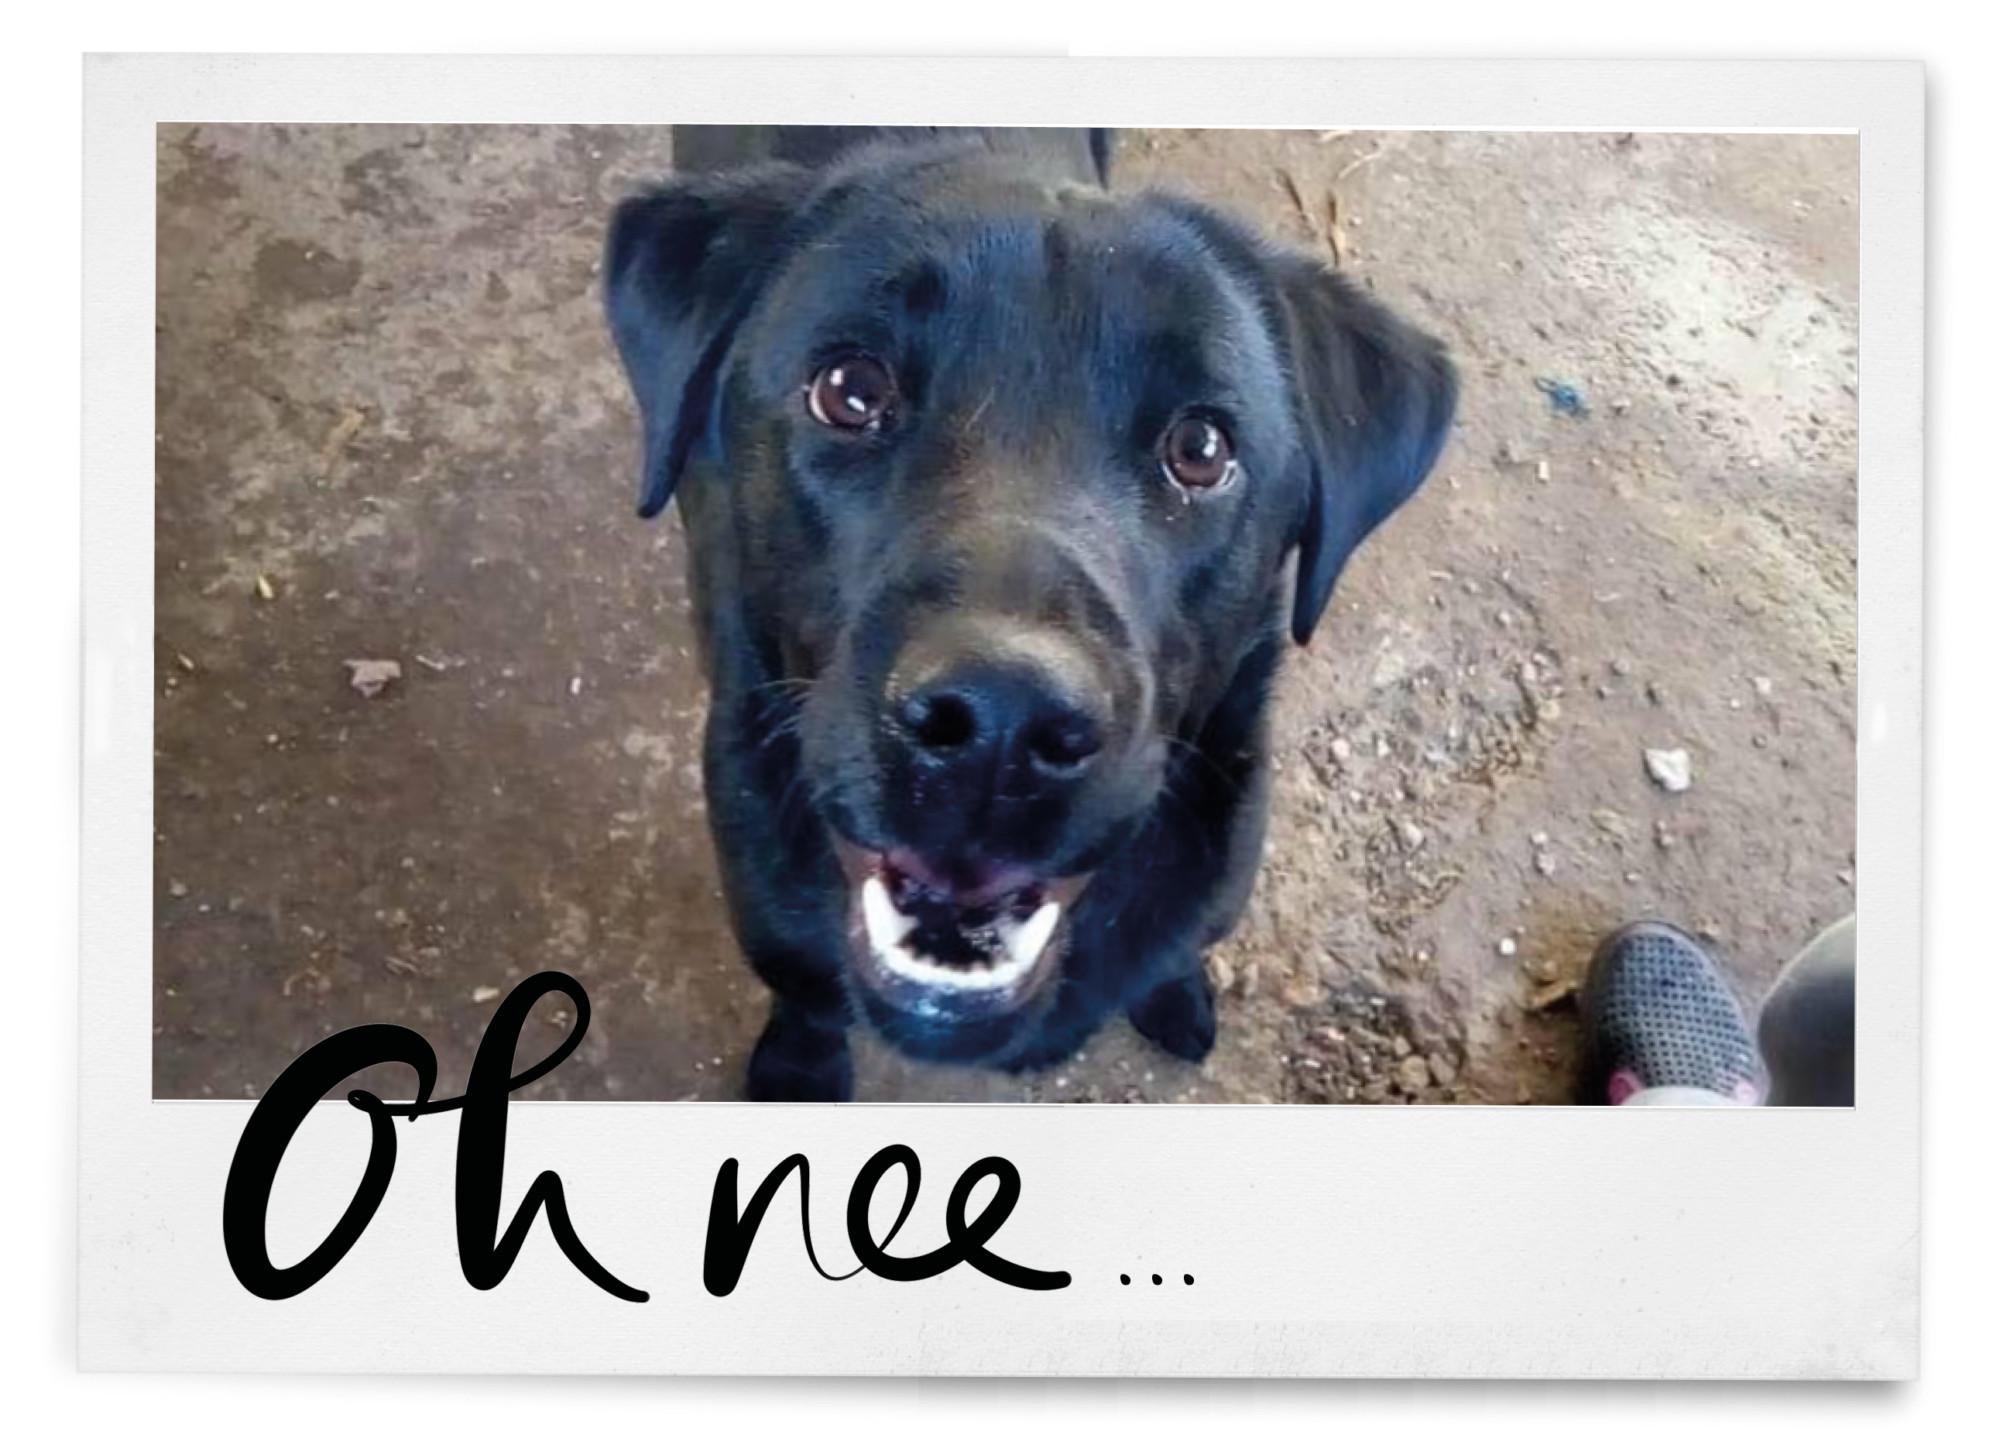 zwarte hond sima kijkt zielig in de camera in polaroid met tekst oh nee